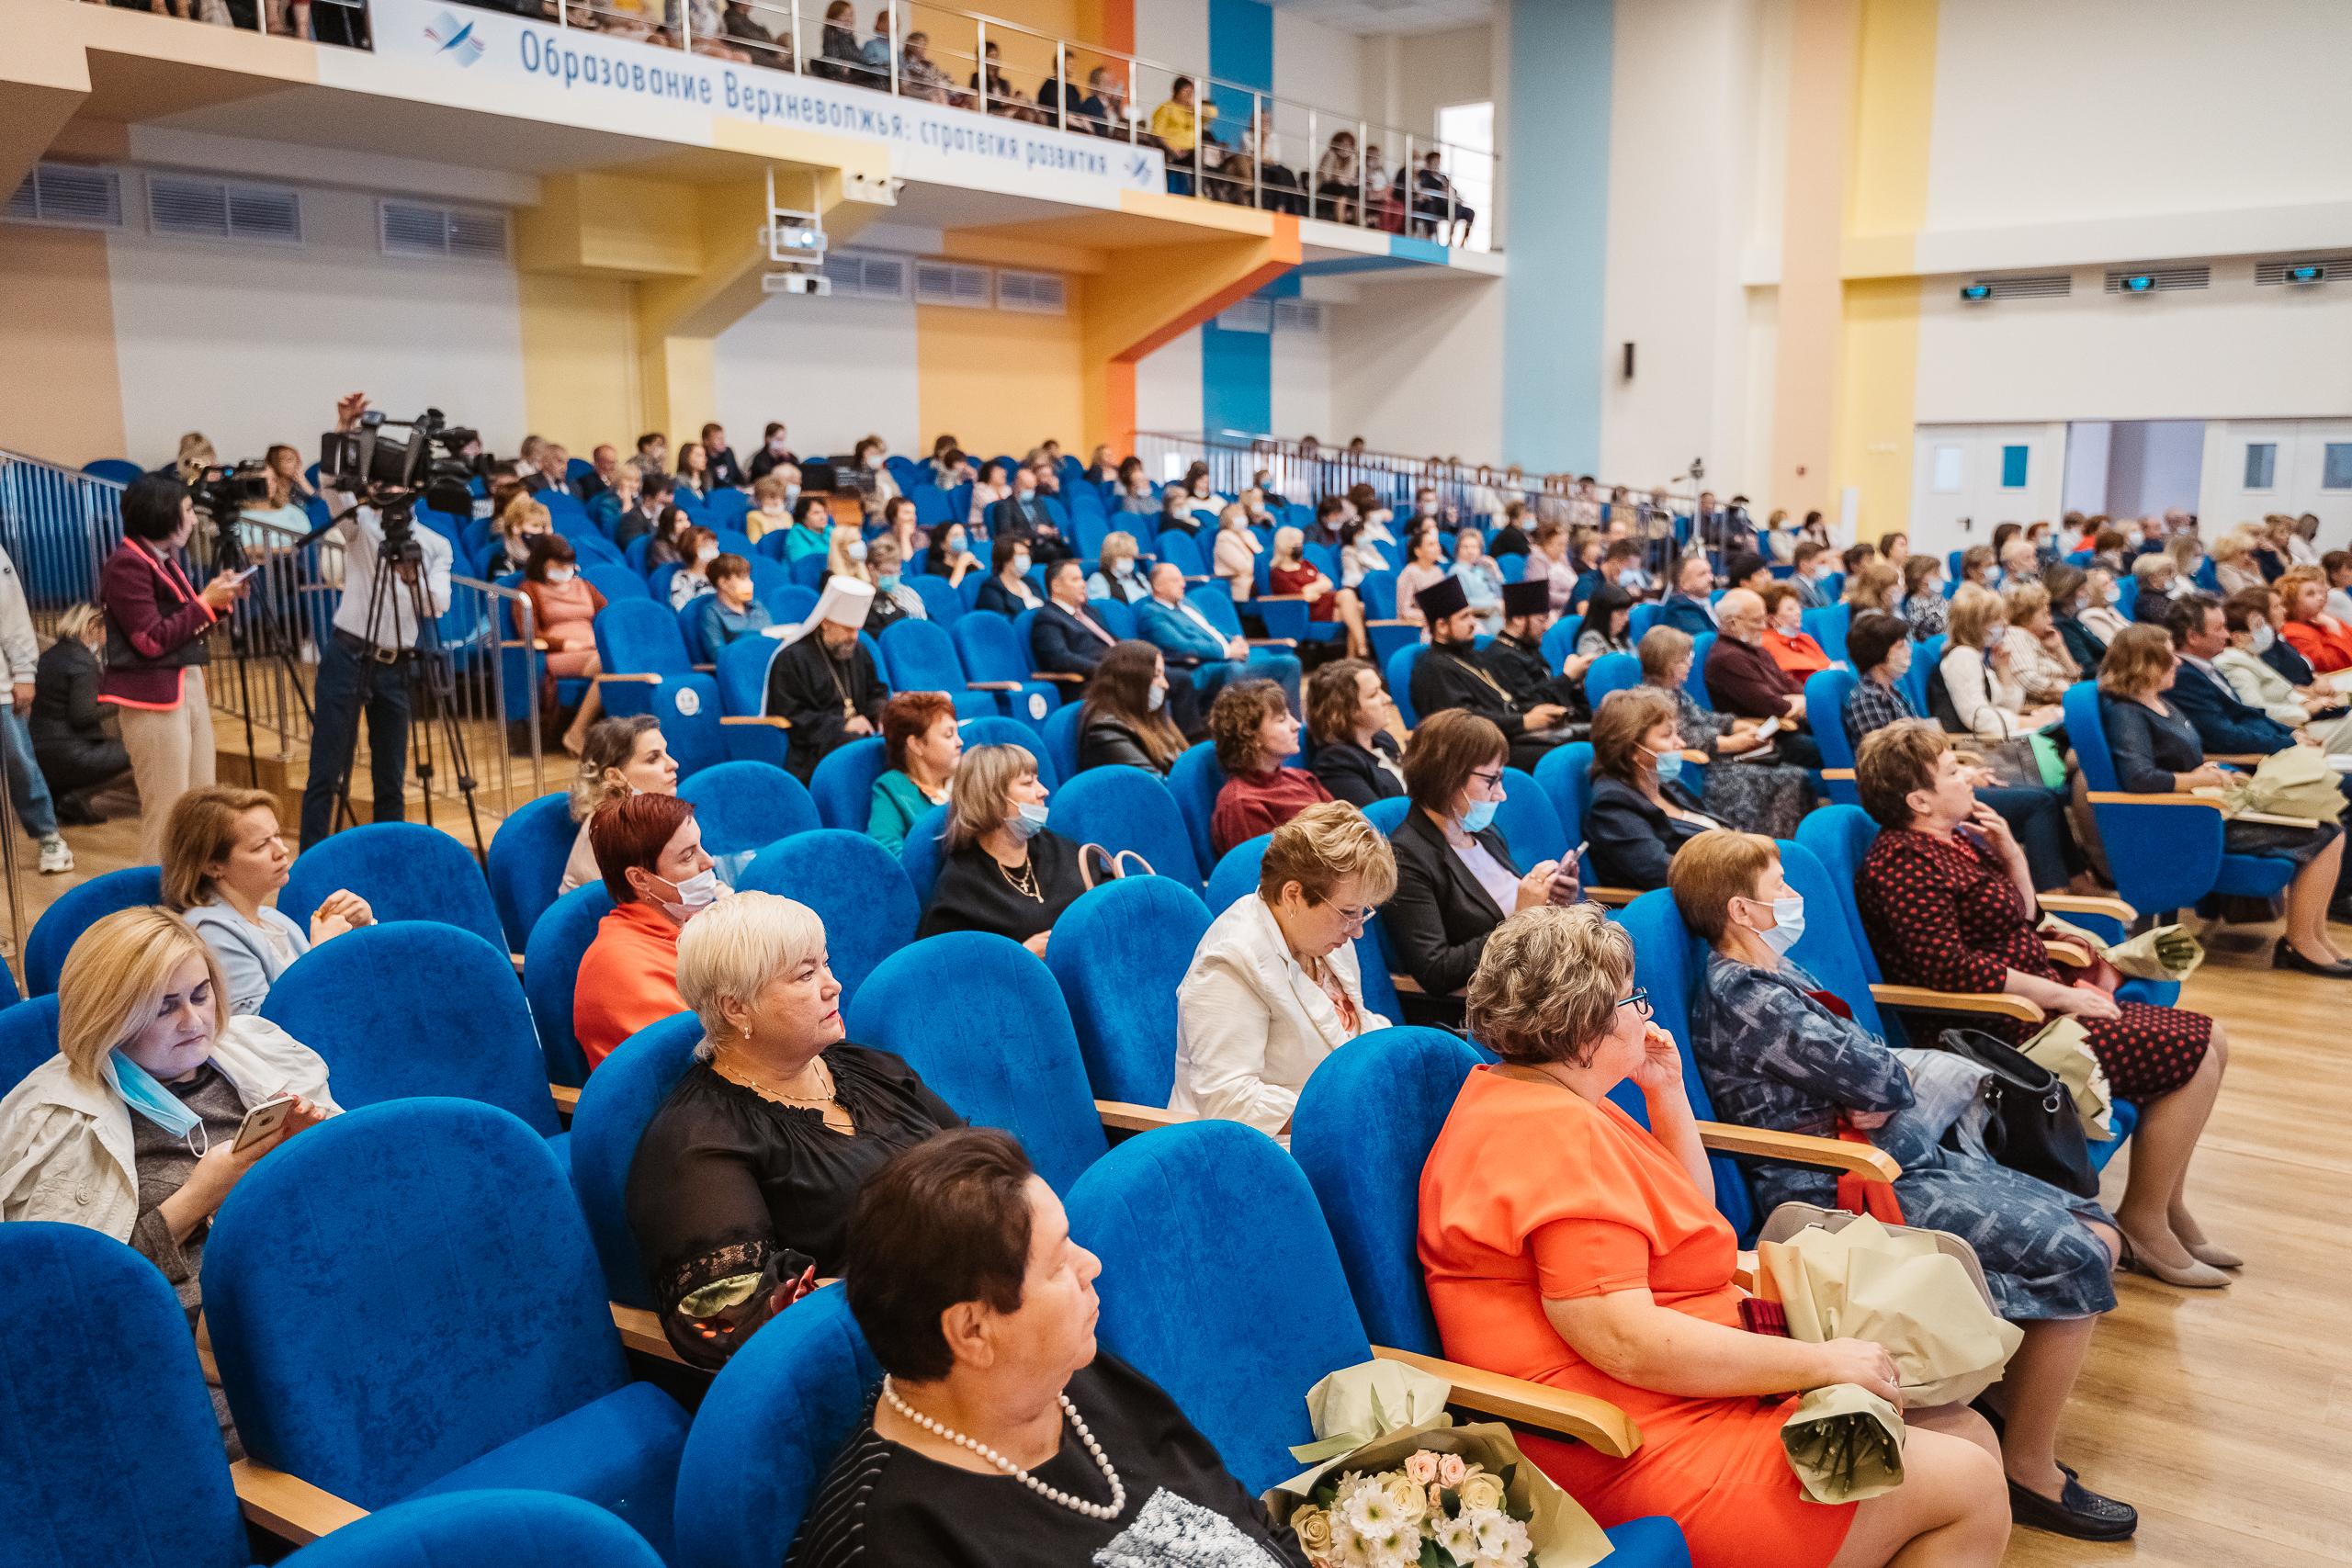 Тверские педагоги подключились к образовательным инициативам Юлии Сарановой